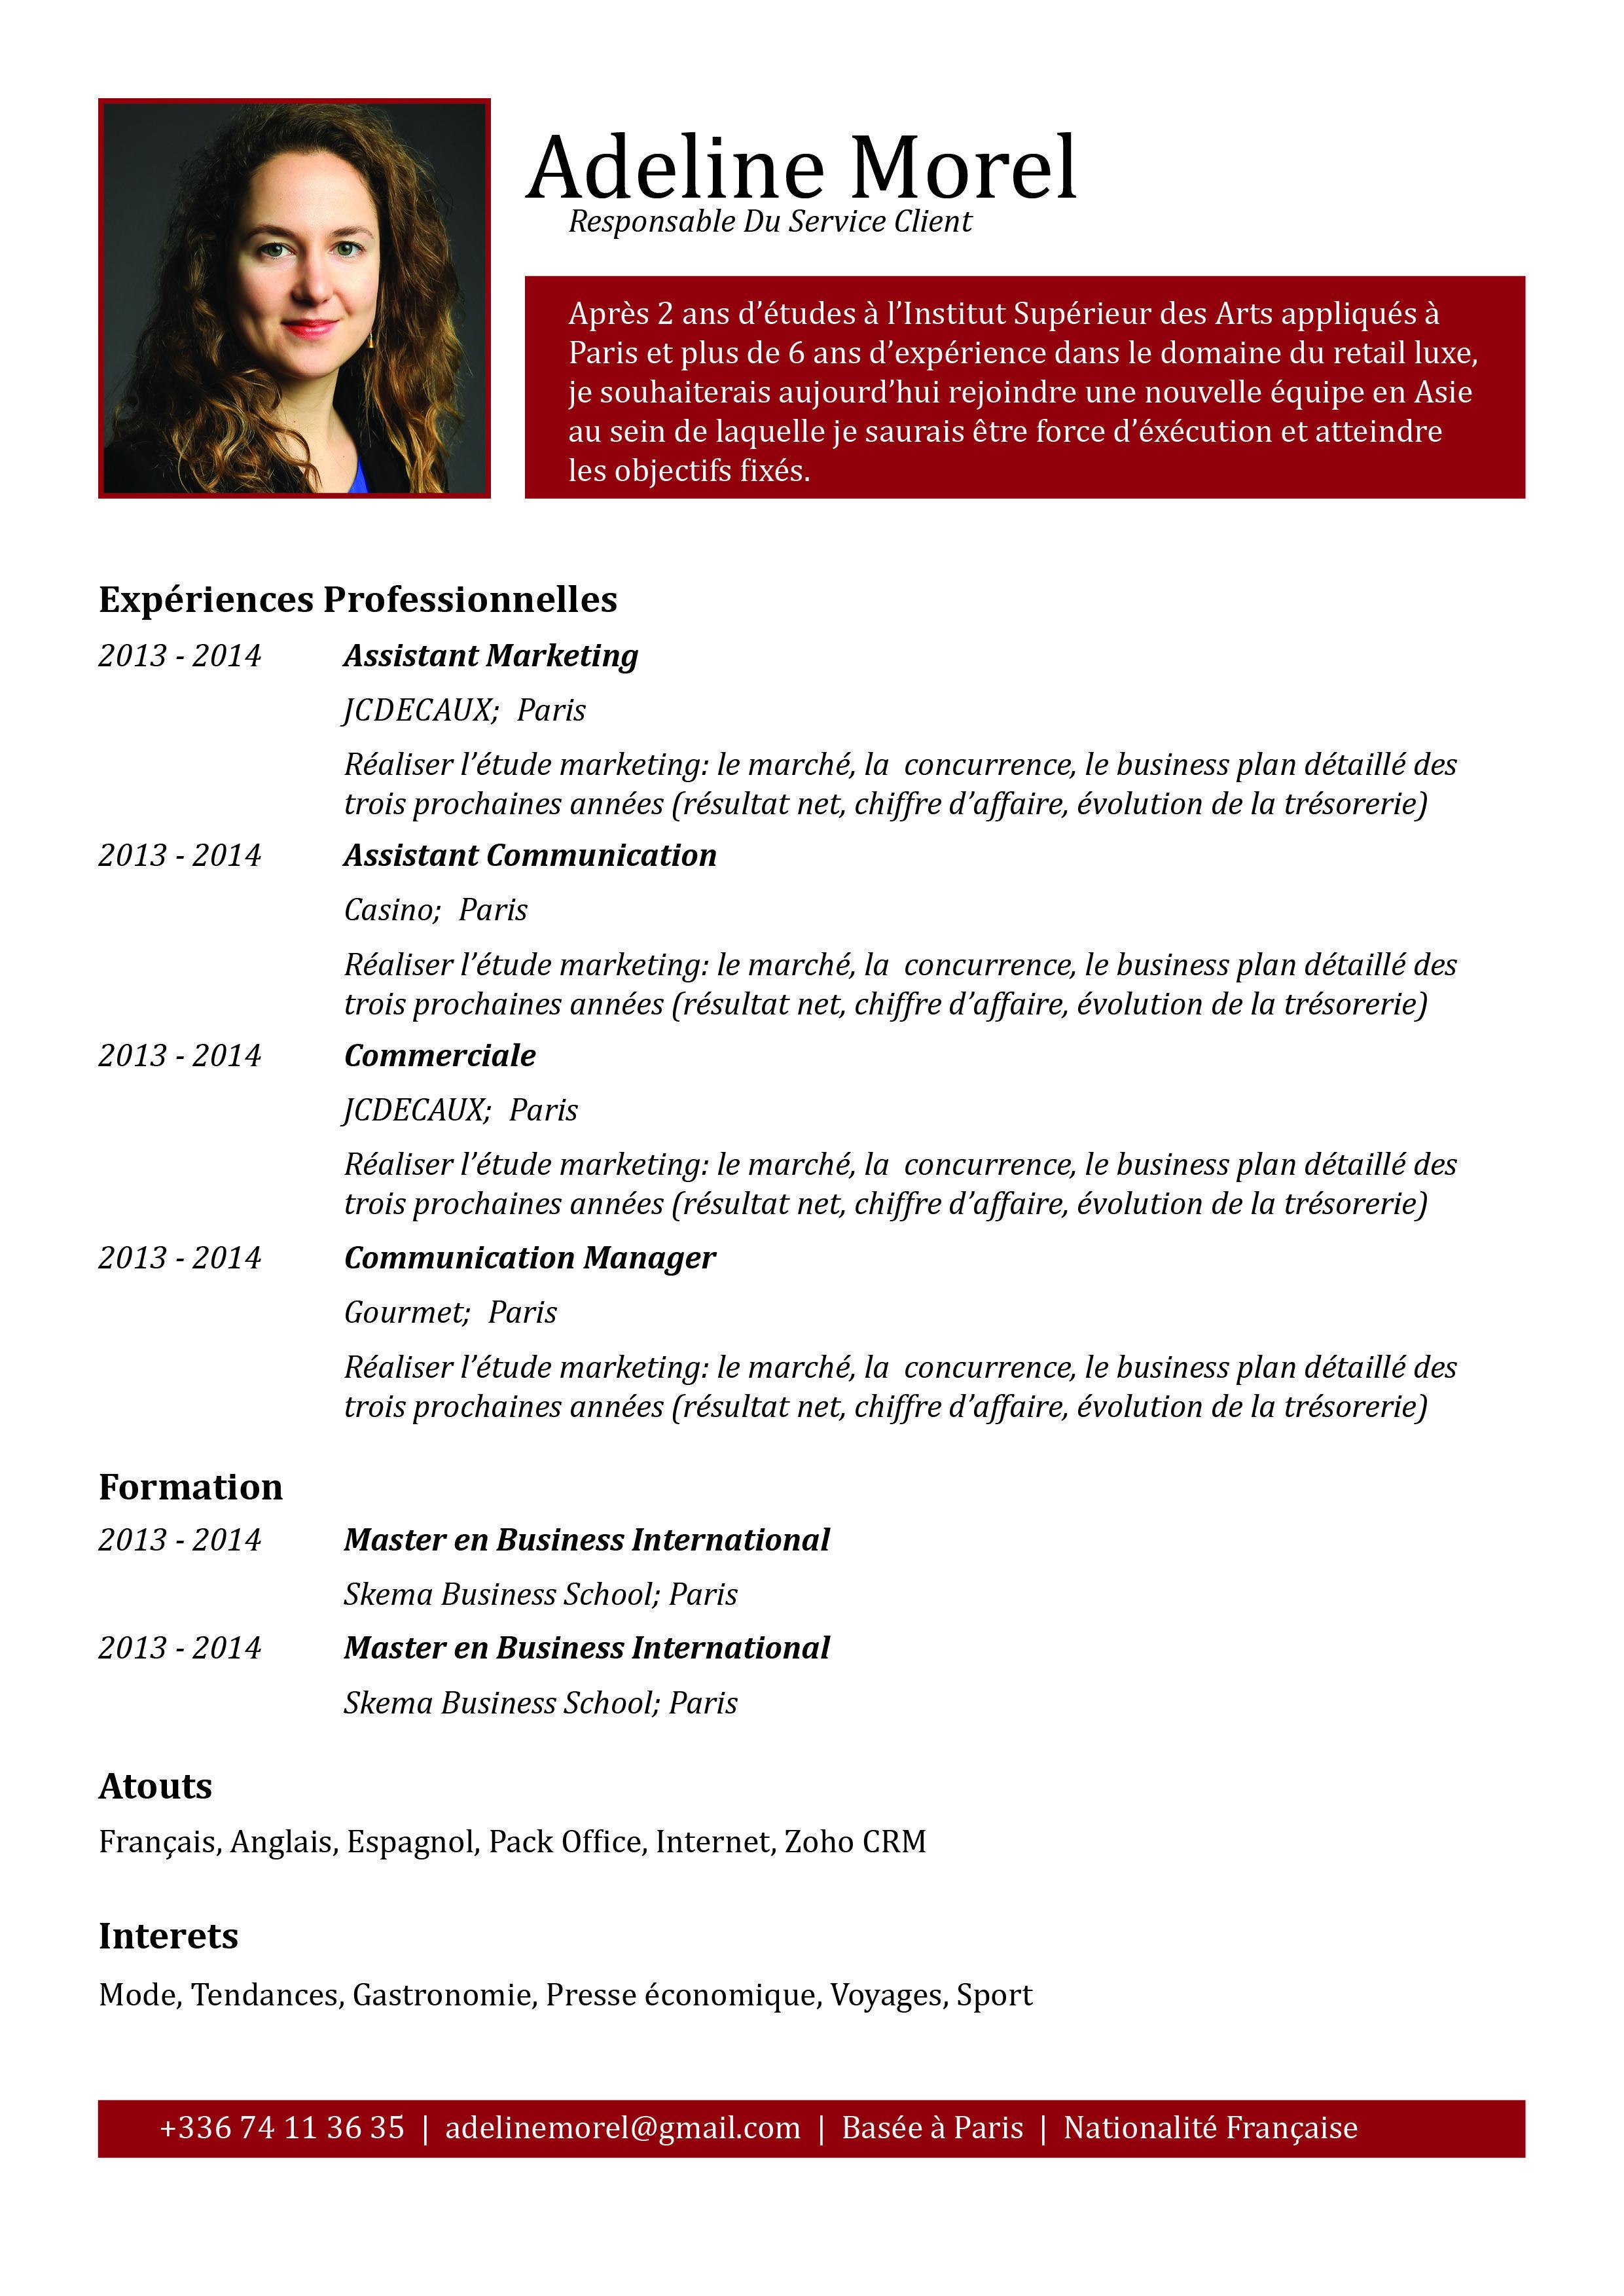 Actif Parfaitement Clair Agreable Et Sans Fioriture Le Candidat Donne La Priorite Au Contenu De Son Cv Words Internet